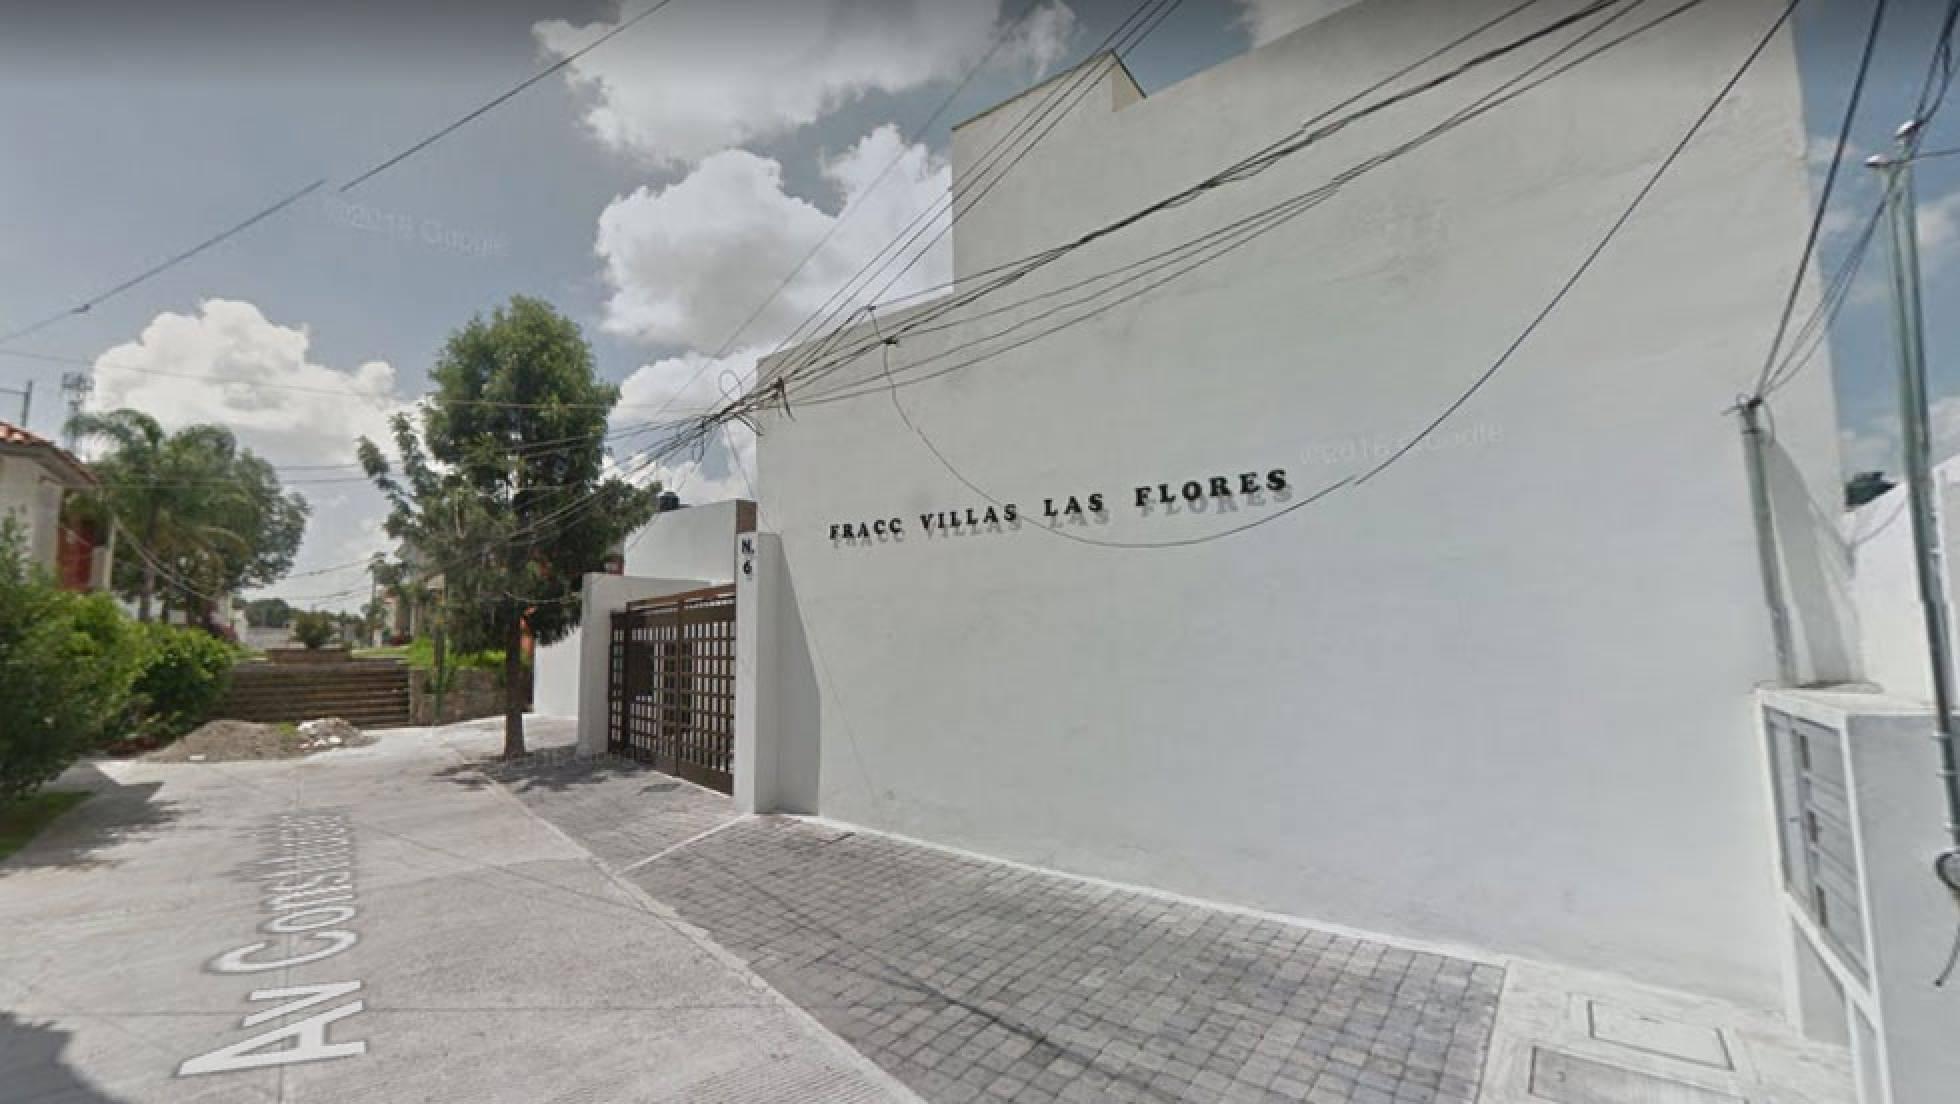 Asesinado un empresario español en México frente a su casa